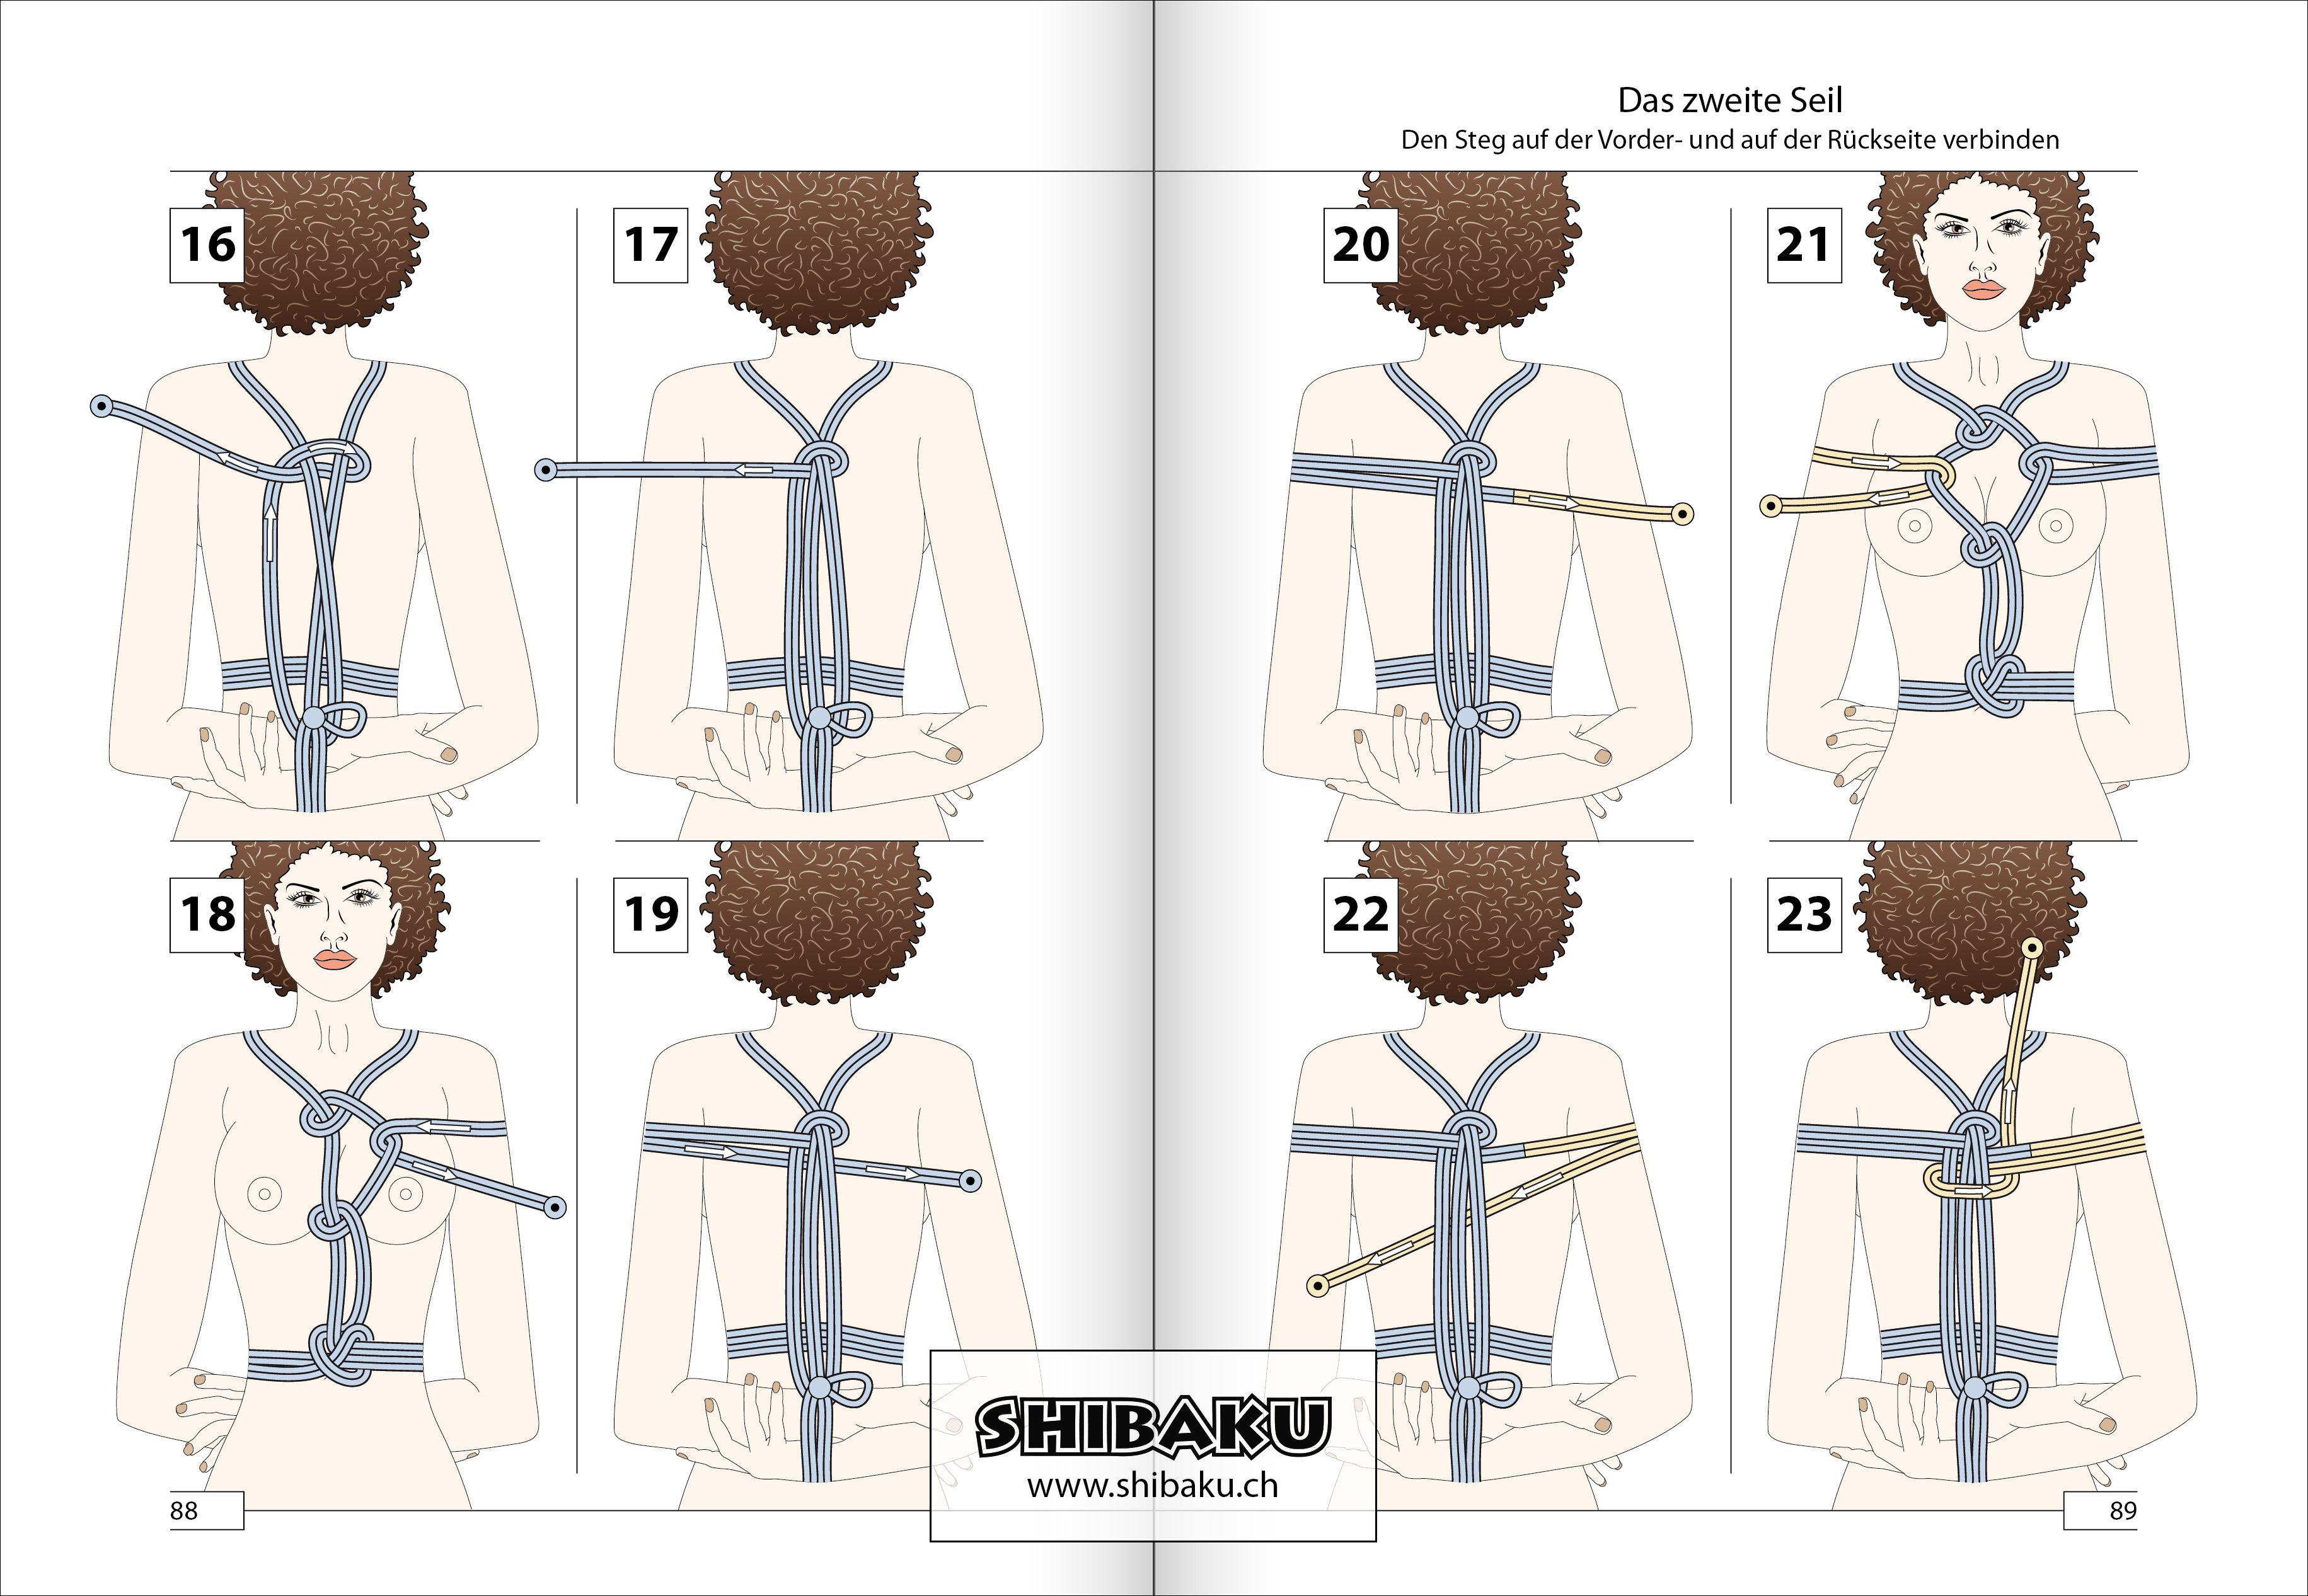 Hishi-shibari => Buchseite 88/89 aus Shibaku · Takate-kote ...